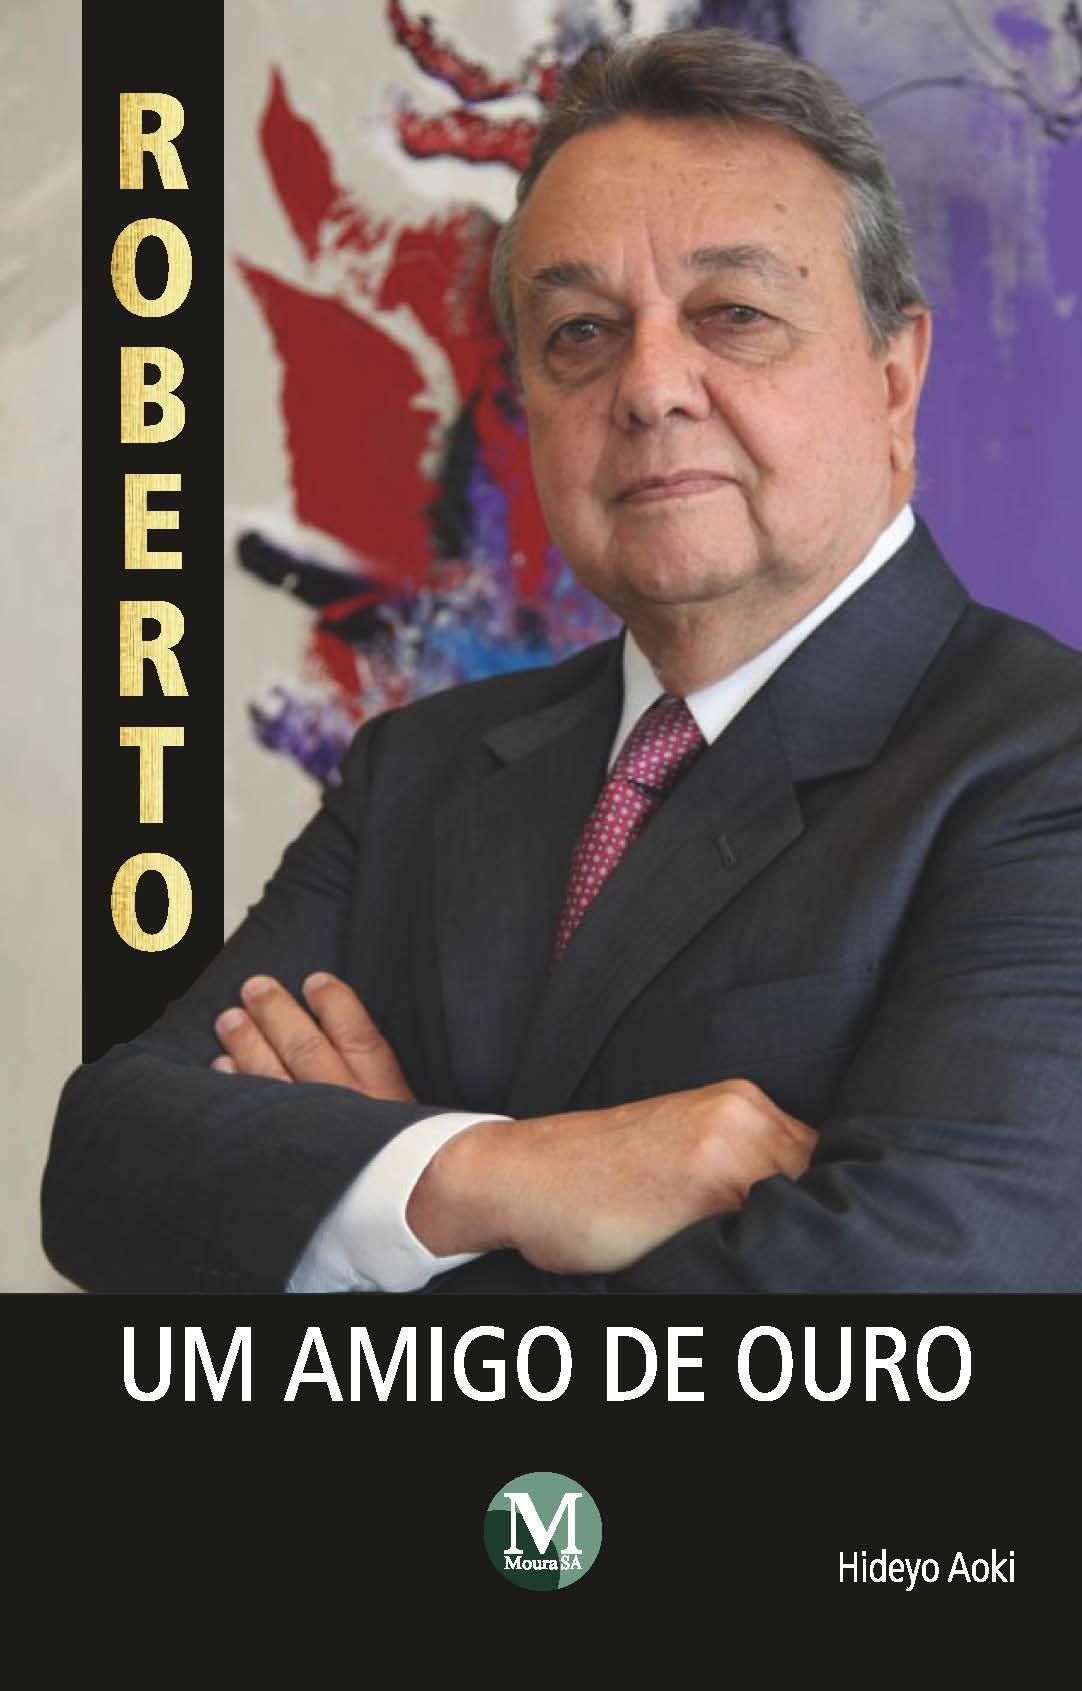 Capa do livro: ROBERTO, UM AMIGO DE OURO